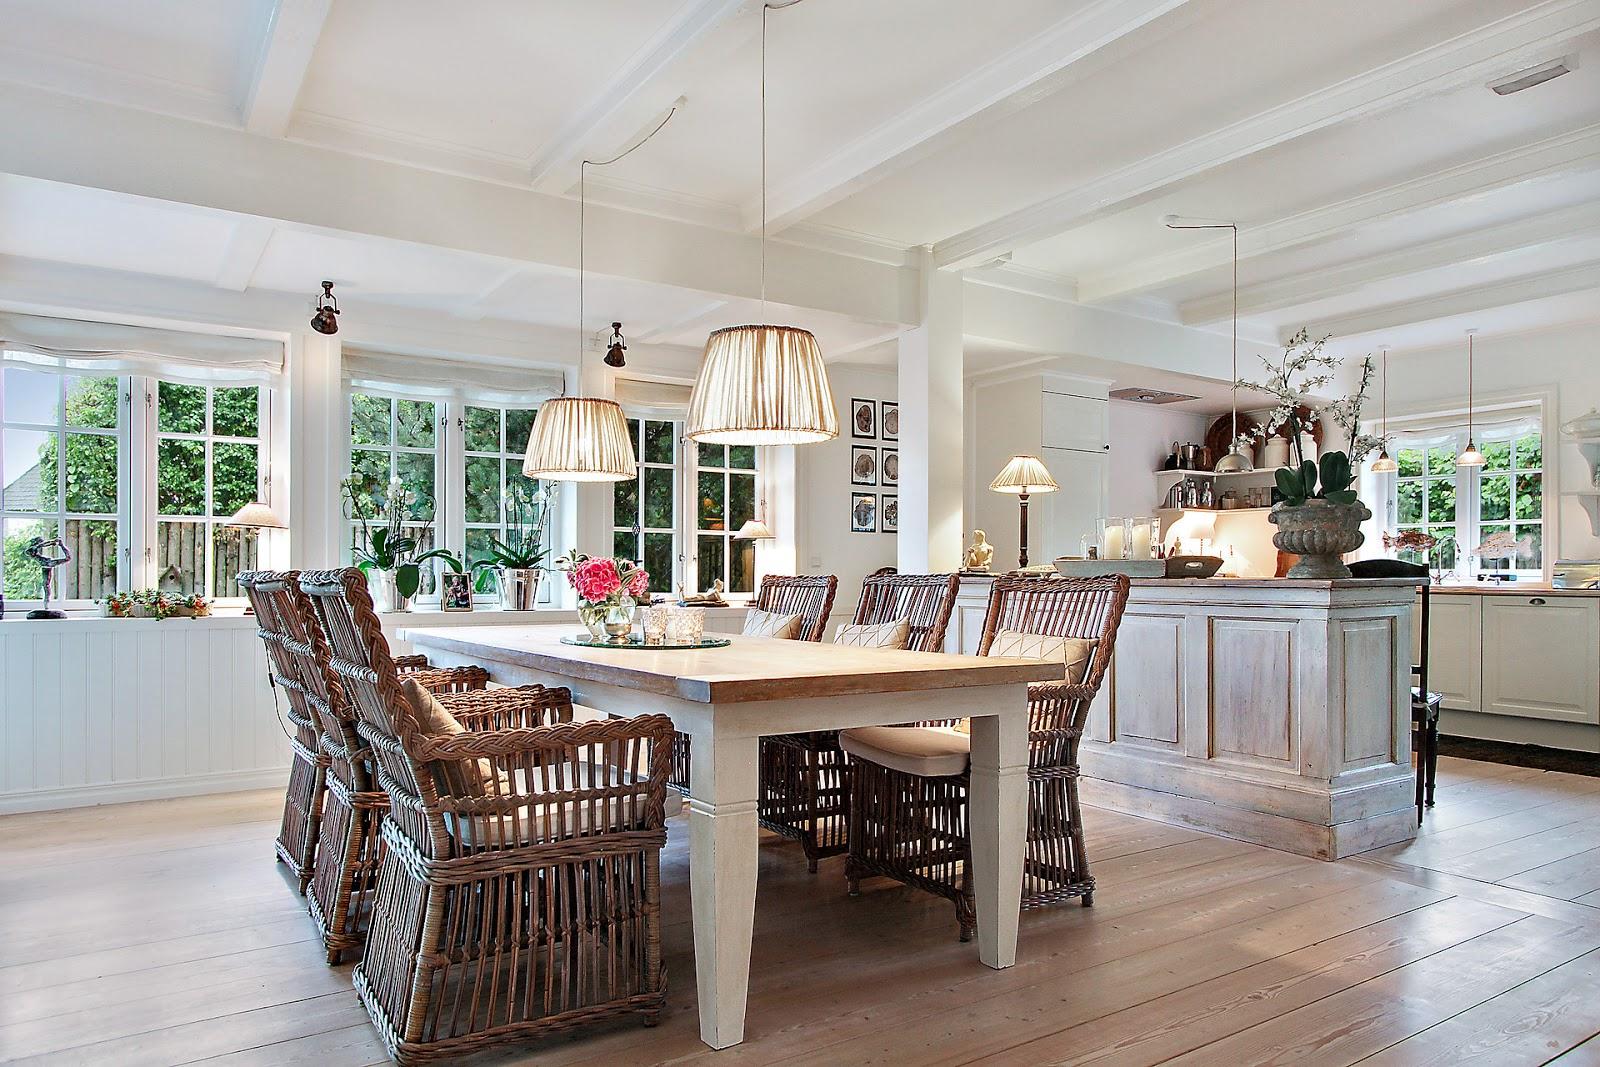 Lovely deco une jolie maison au style campagnard - Maison style campagnard ...